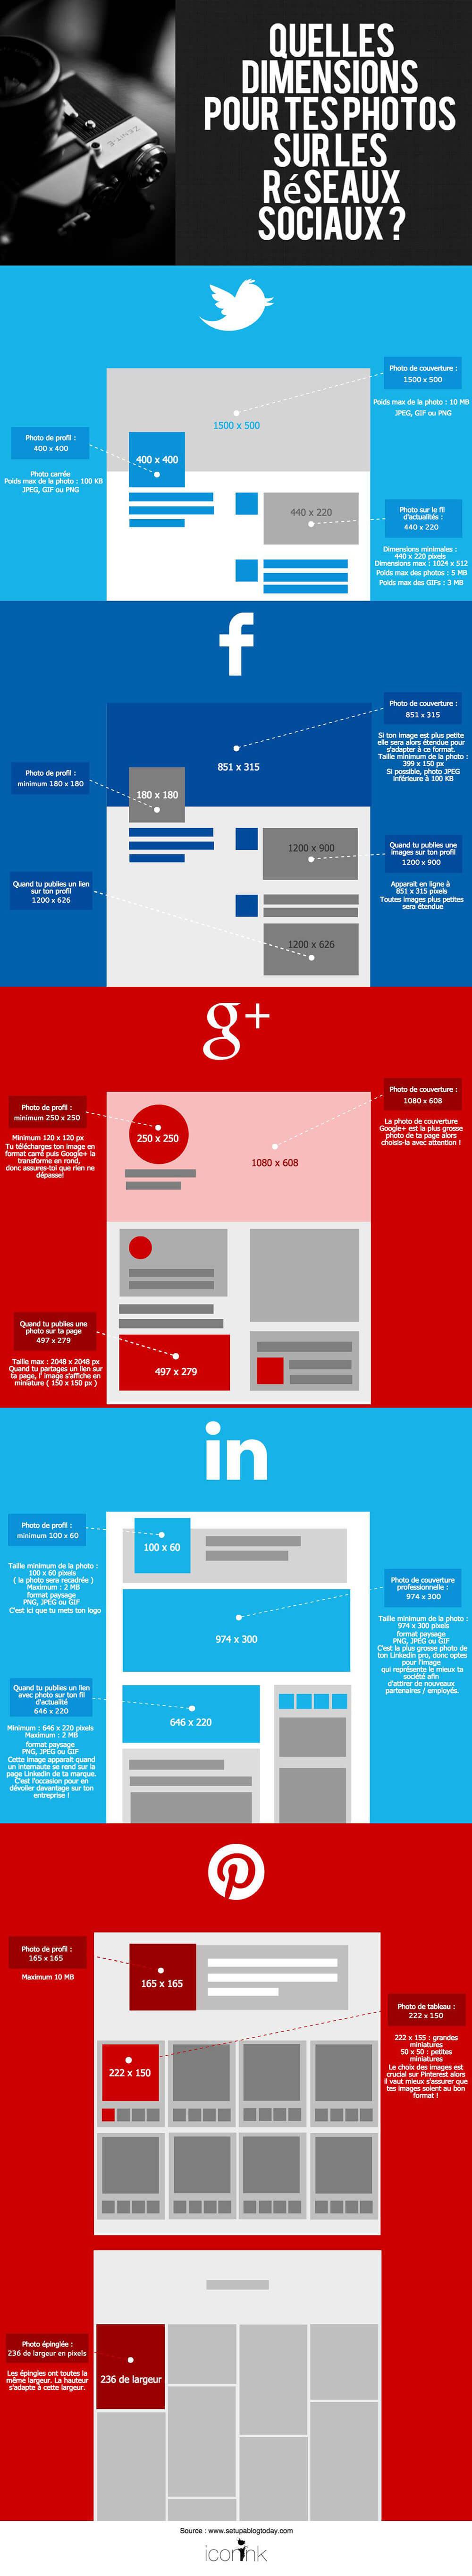 quelles dimensions pour tes photos sur Facebook, Twitter, Google+, Pinterest et Linkedin